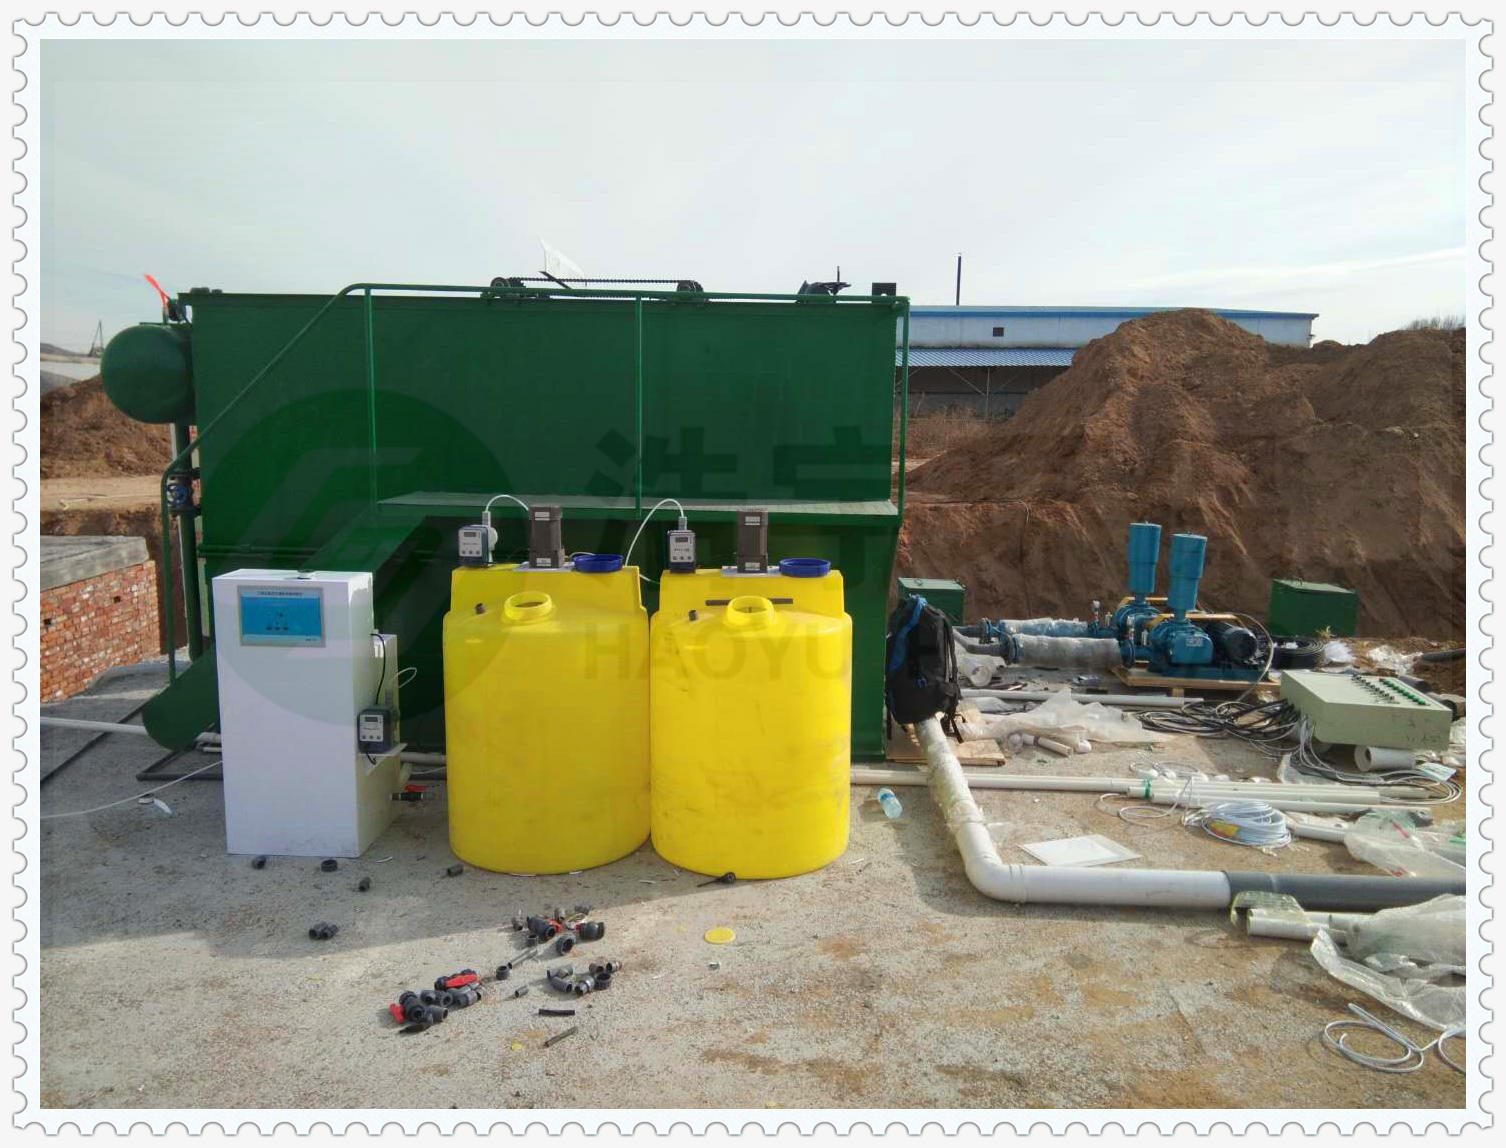 洗衣厂污水处理设备 <br> 全新  价格:18888 <br> <img src=http://k.kqzp.cn/img/up/img/5f23c6ed81d4d.jpg